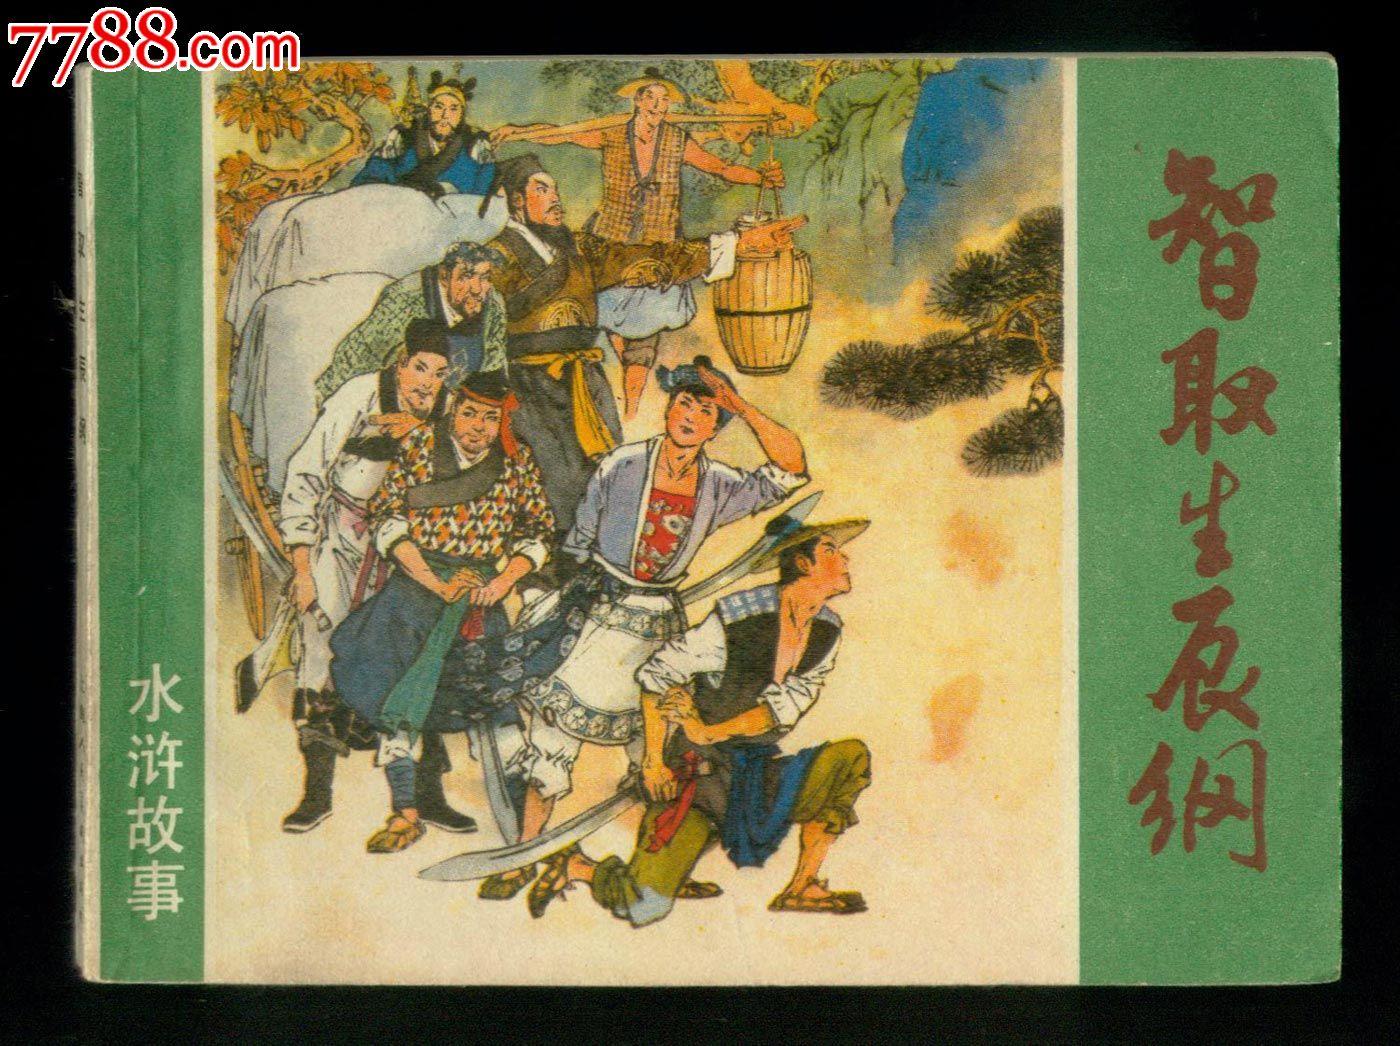 水浒传的故事名称_智取生辰纲(上海水浒故事)